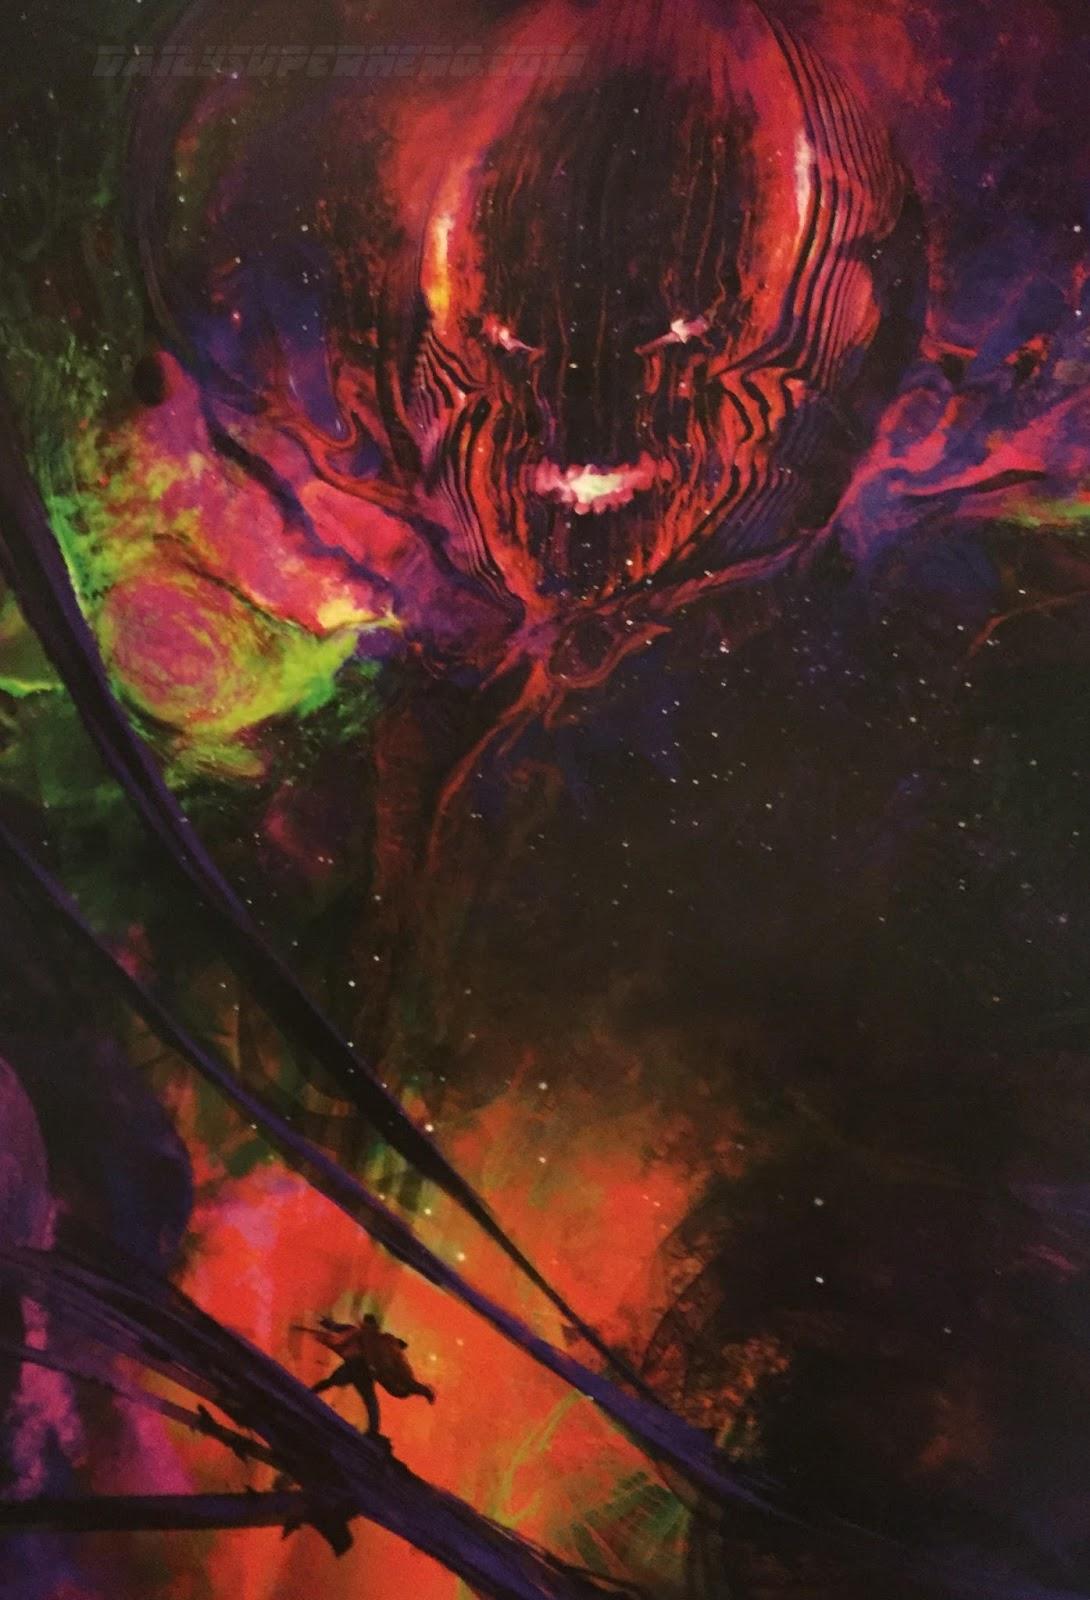 Trùm cuối trong Doctor Strange đã có thể ngầu và đáng sợ hơn nhiều - ảnh 4